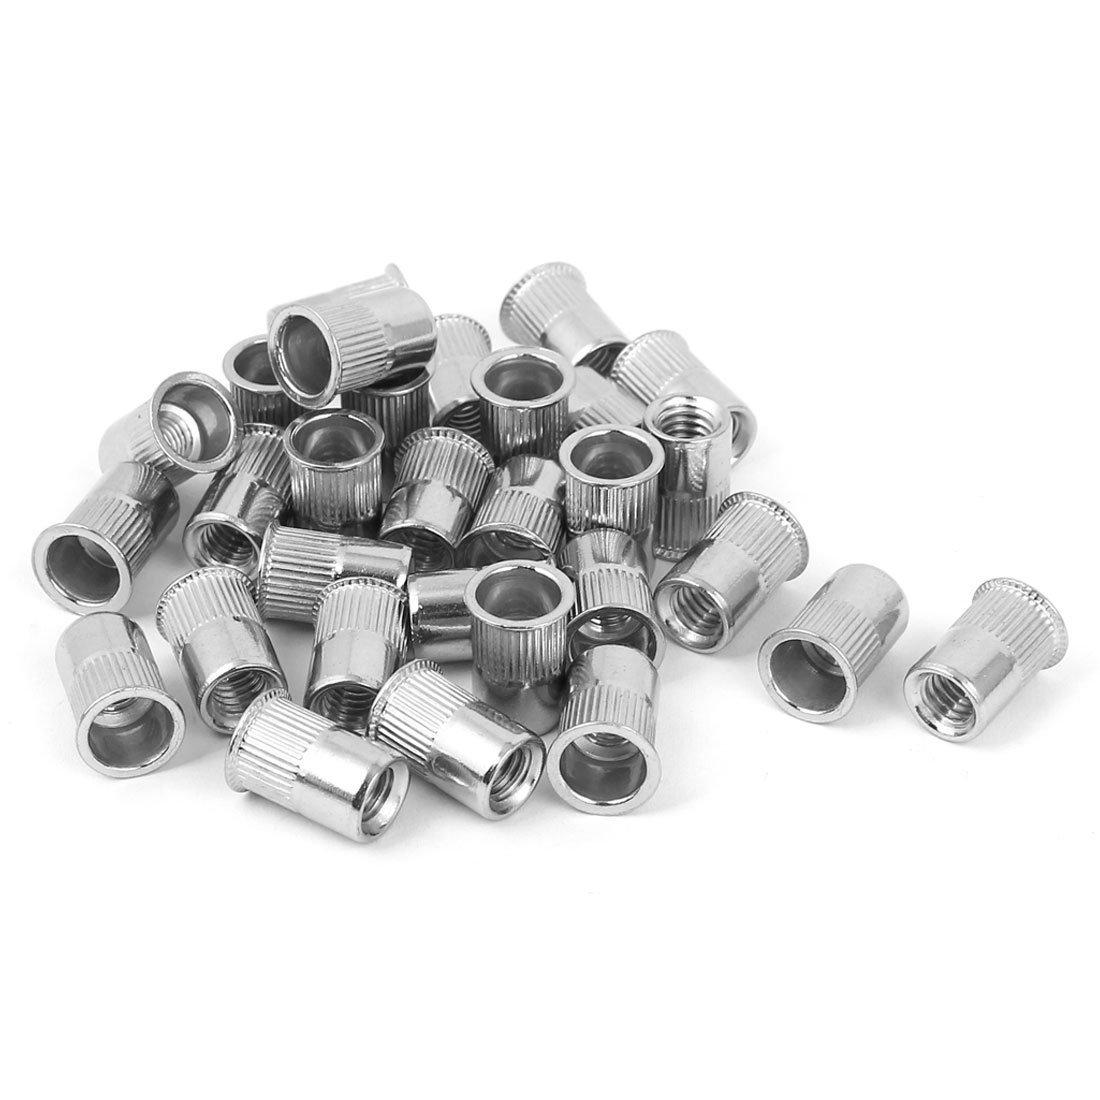 URBEST 304 Stainless Steel Rivet Nut Flat Head Insert Nutsert Knurled Body Blind Rivnut Assortment 50Pcs M6x15mm